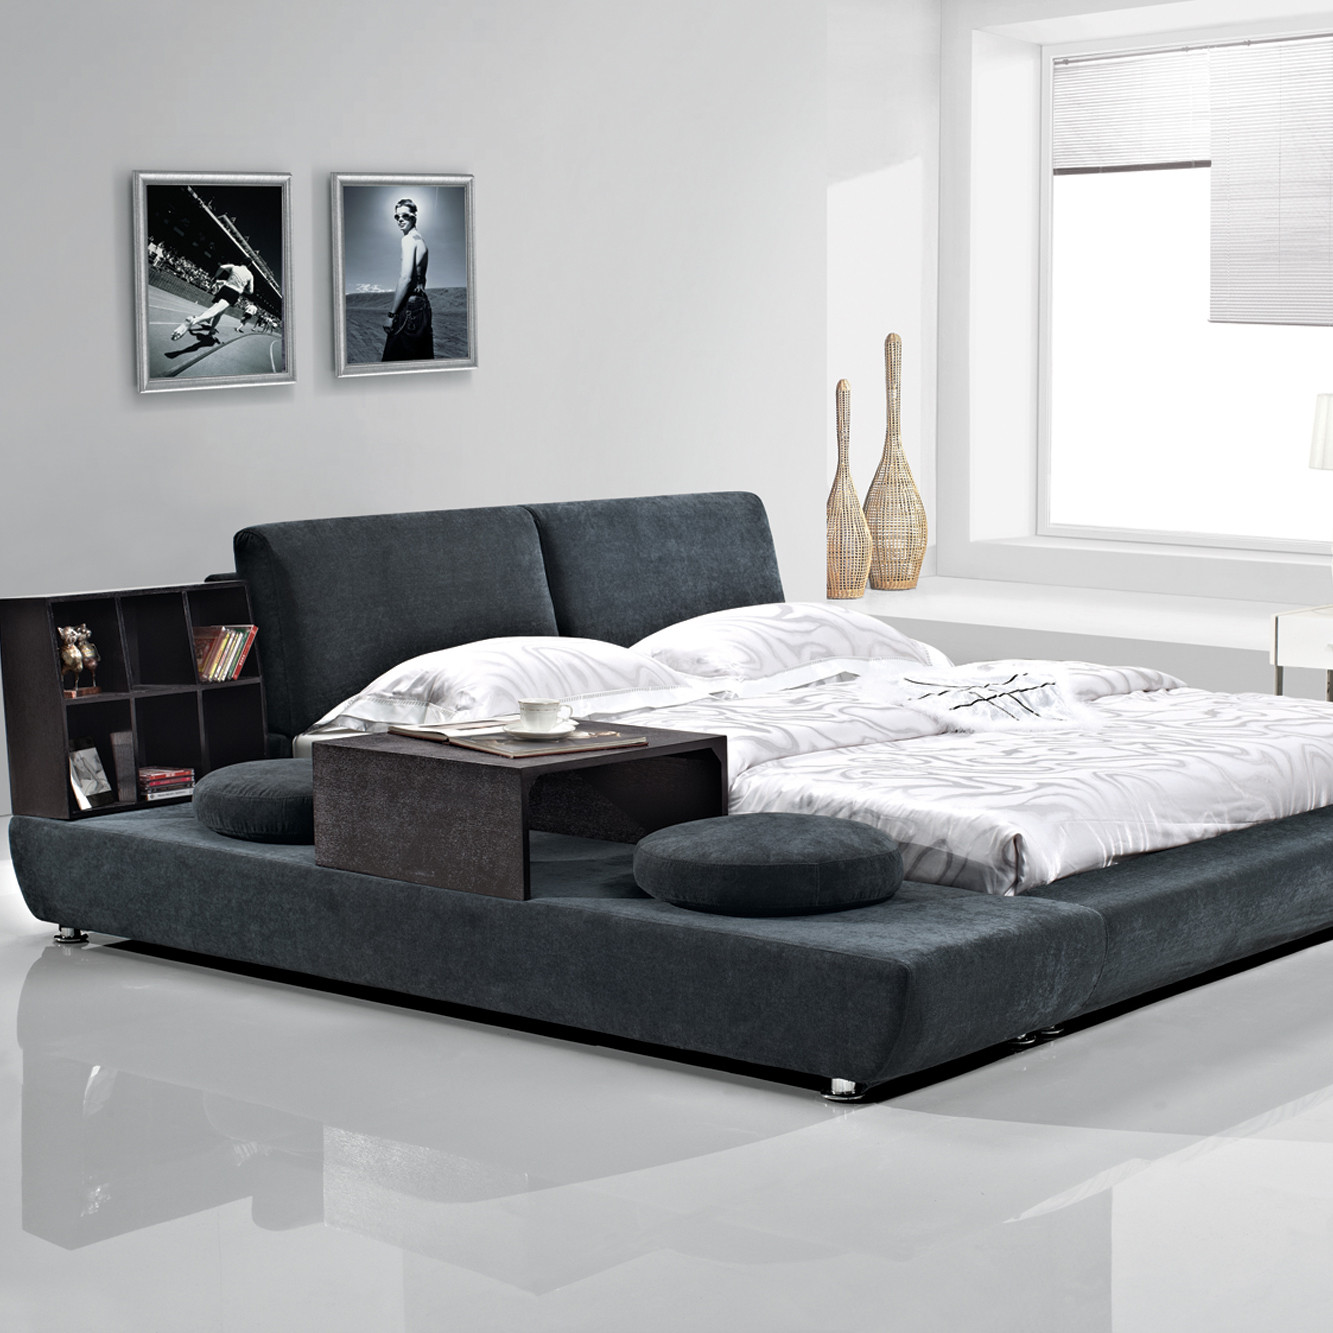 改色样色木组装式架子床绒质方形简约现代